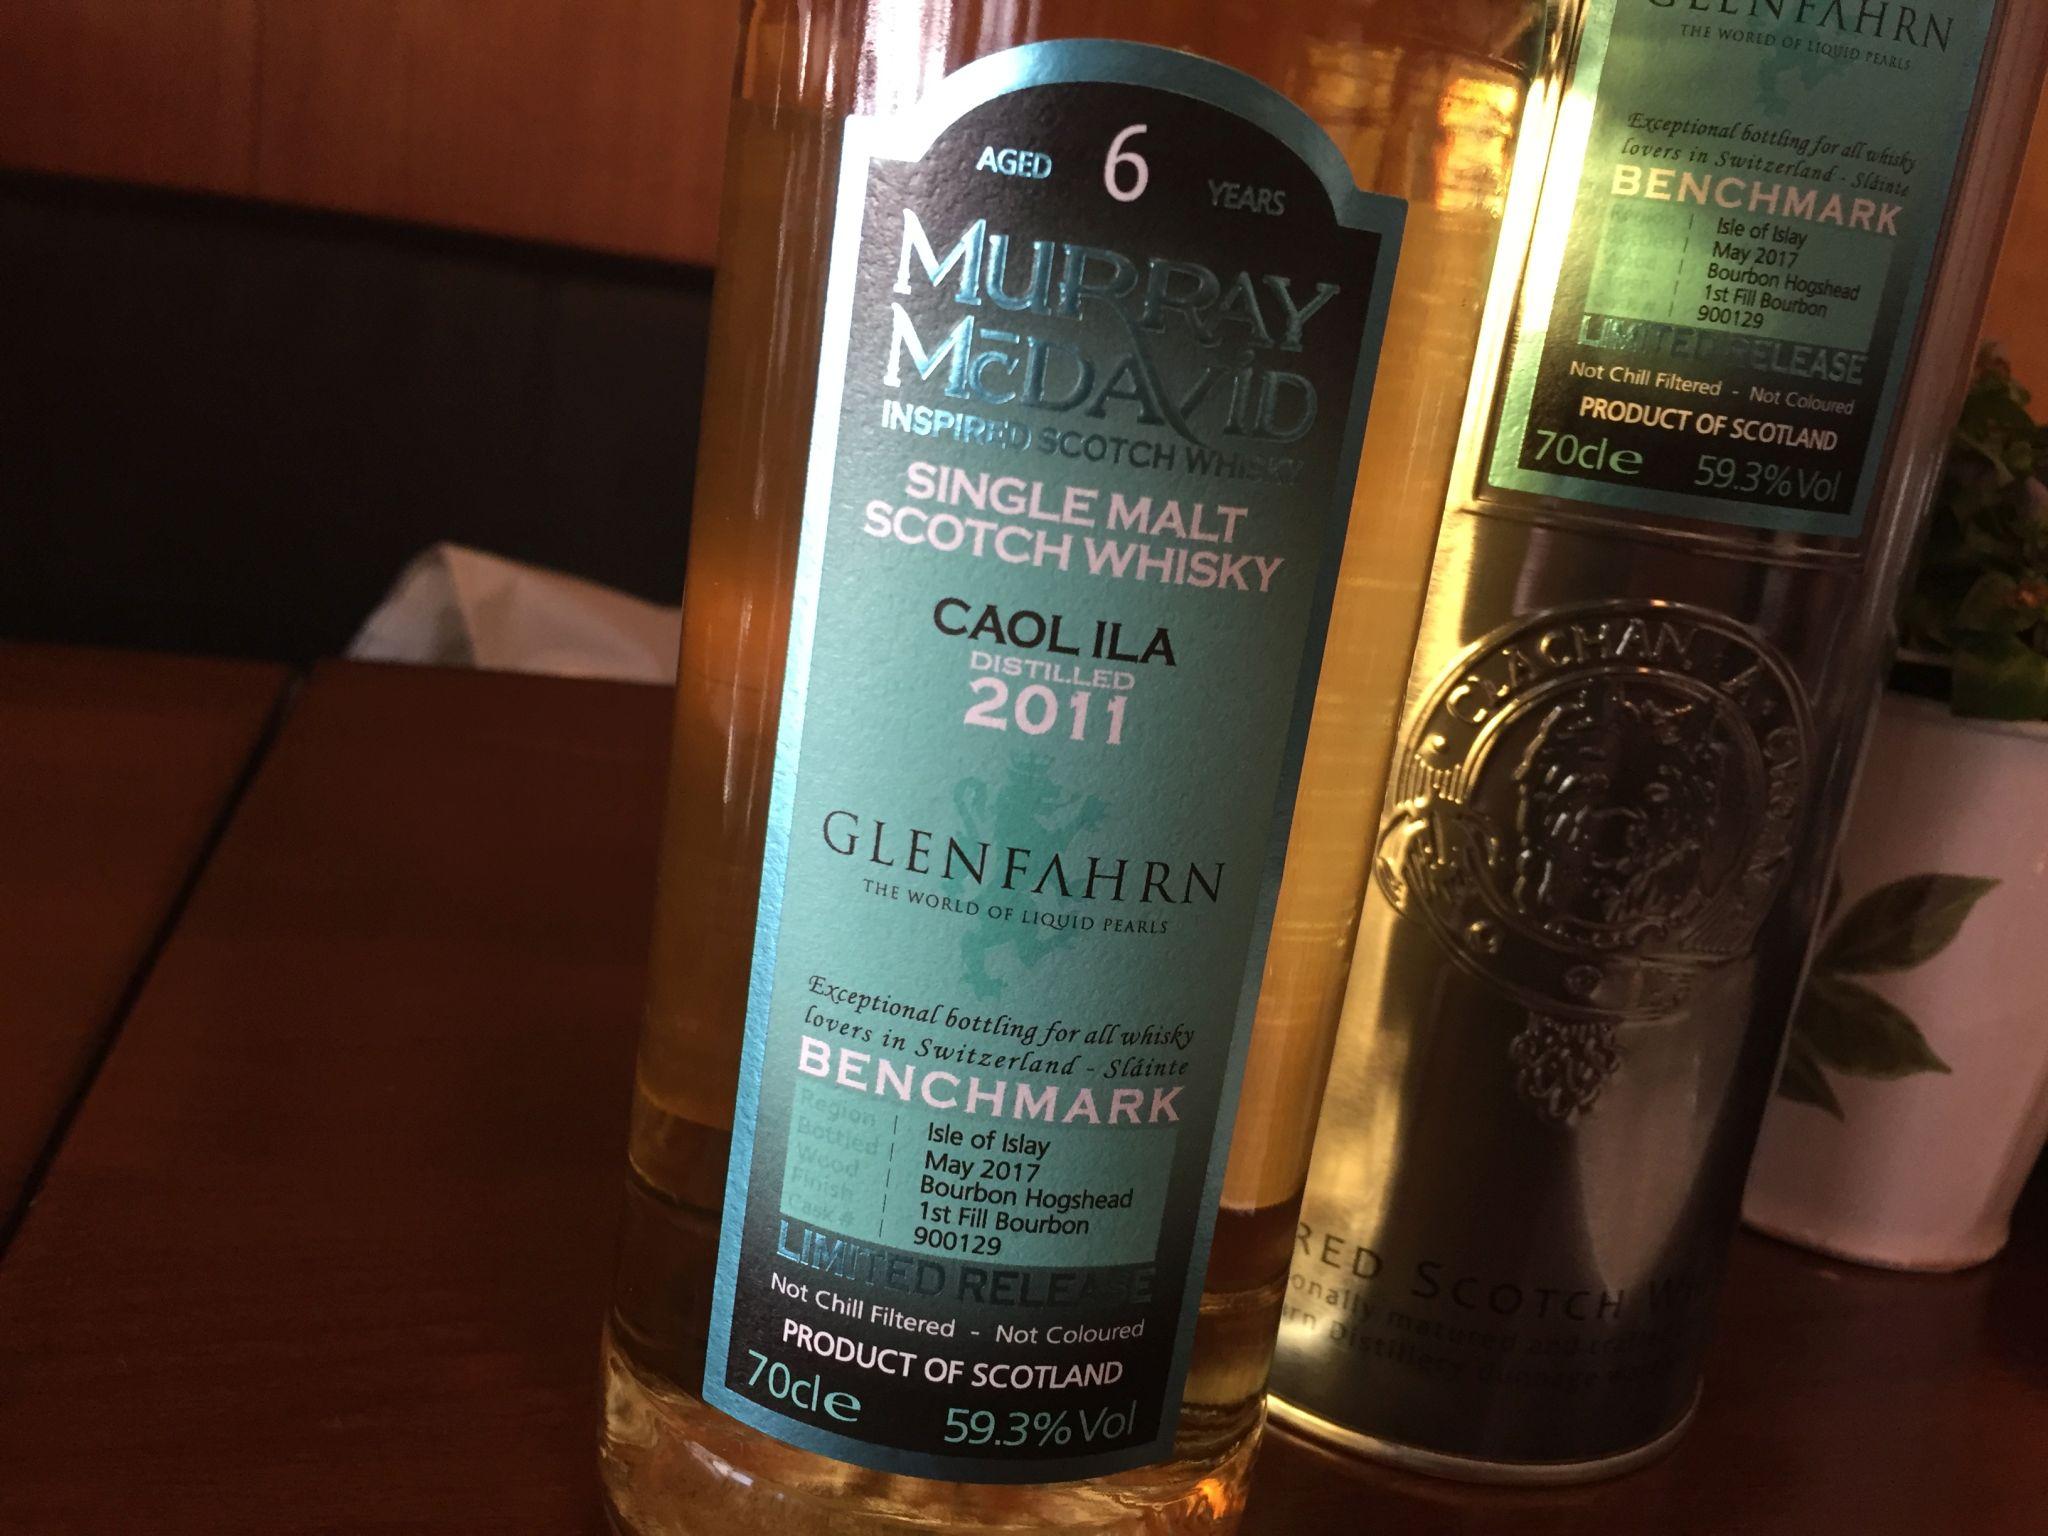 2011 destilliert, im 1st fill Bourbon Hogshead gereift und im Mai 2017 abgefüllt